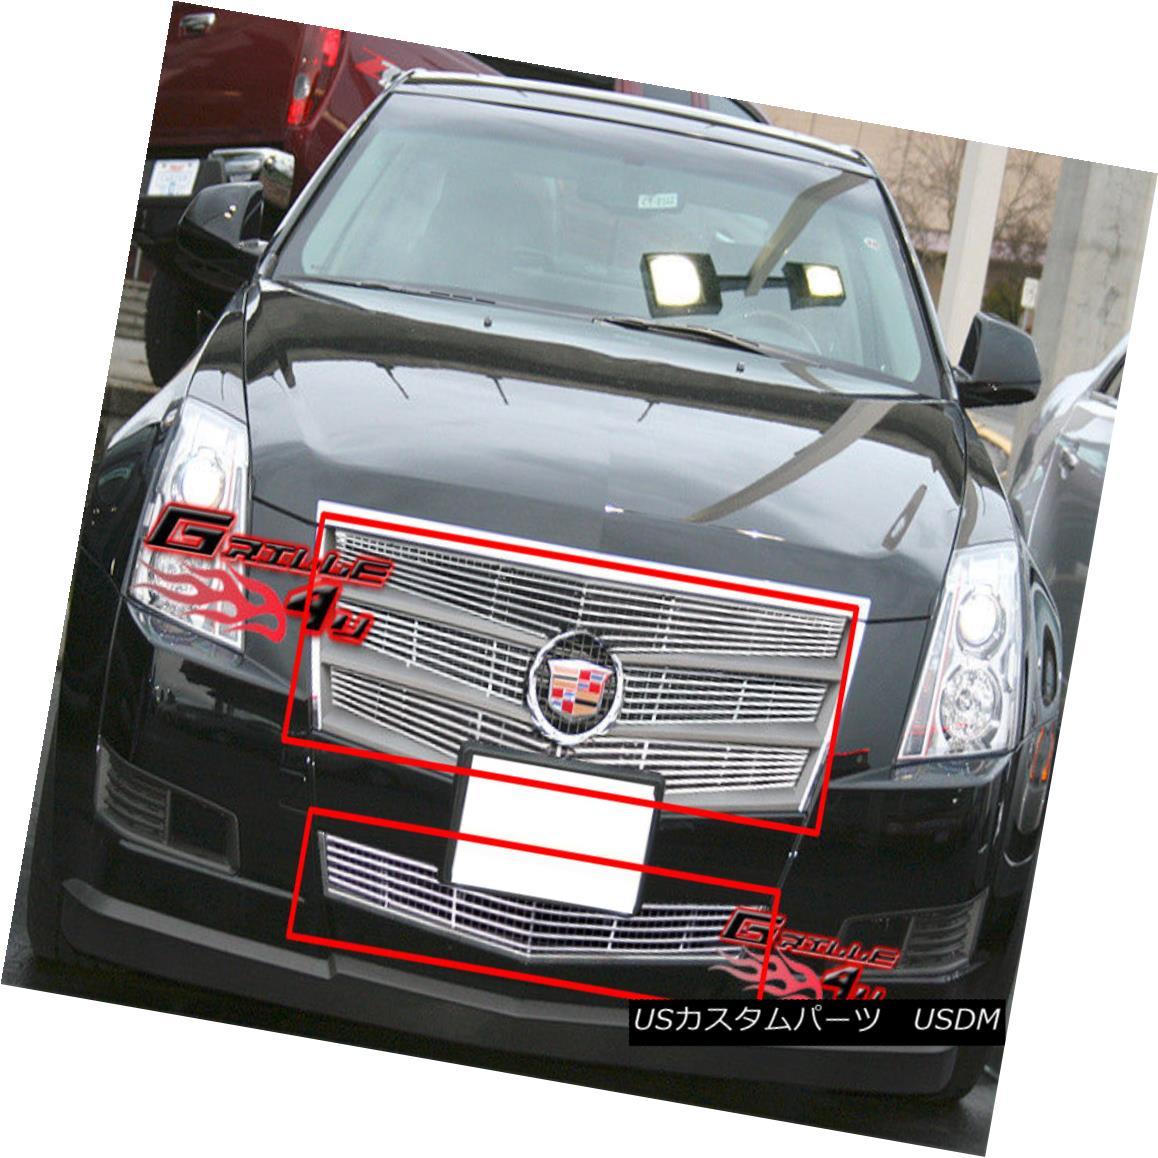 品質が完璧 USグリル Fits 2008-2011 Cadillac CTS Billet